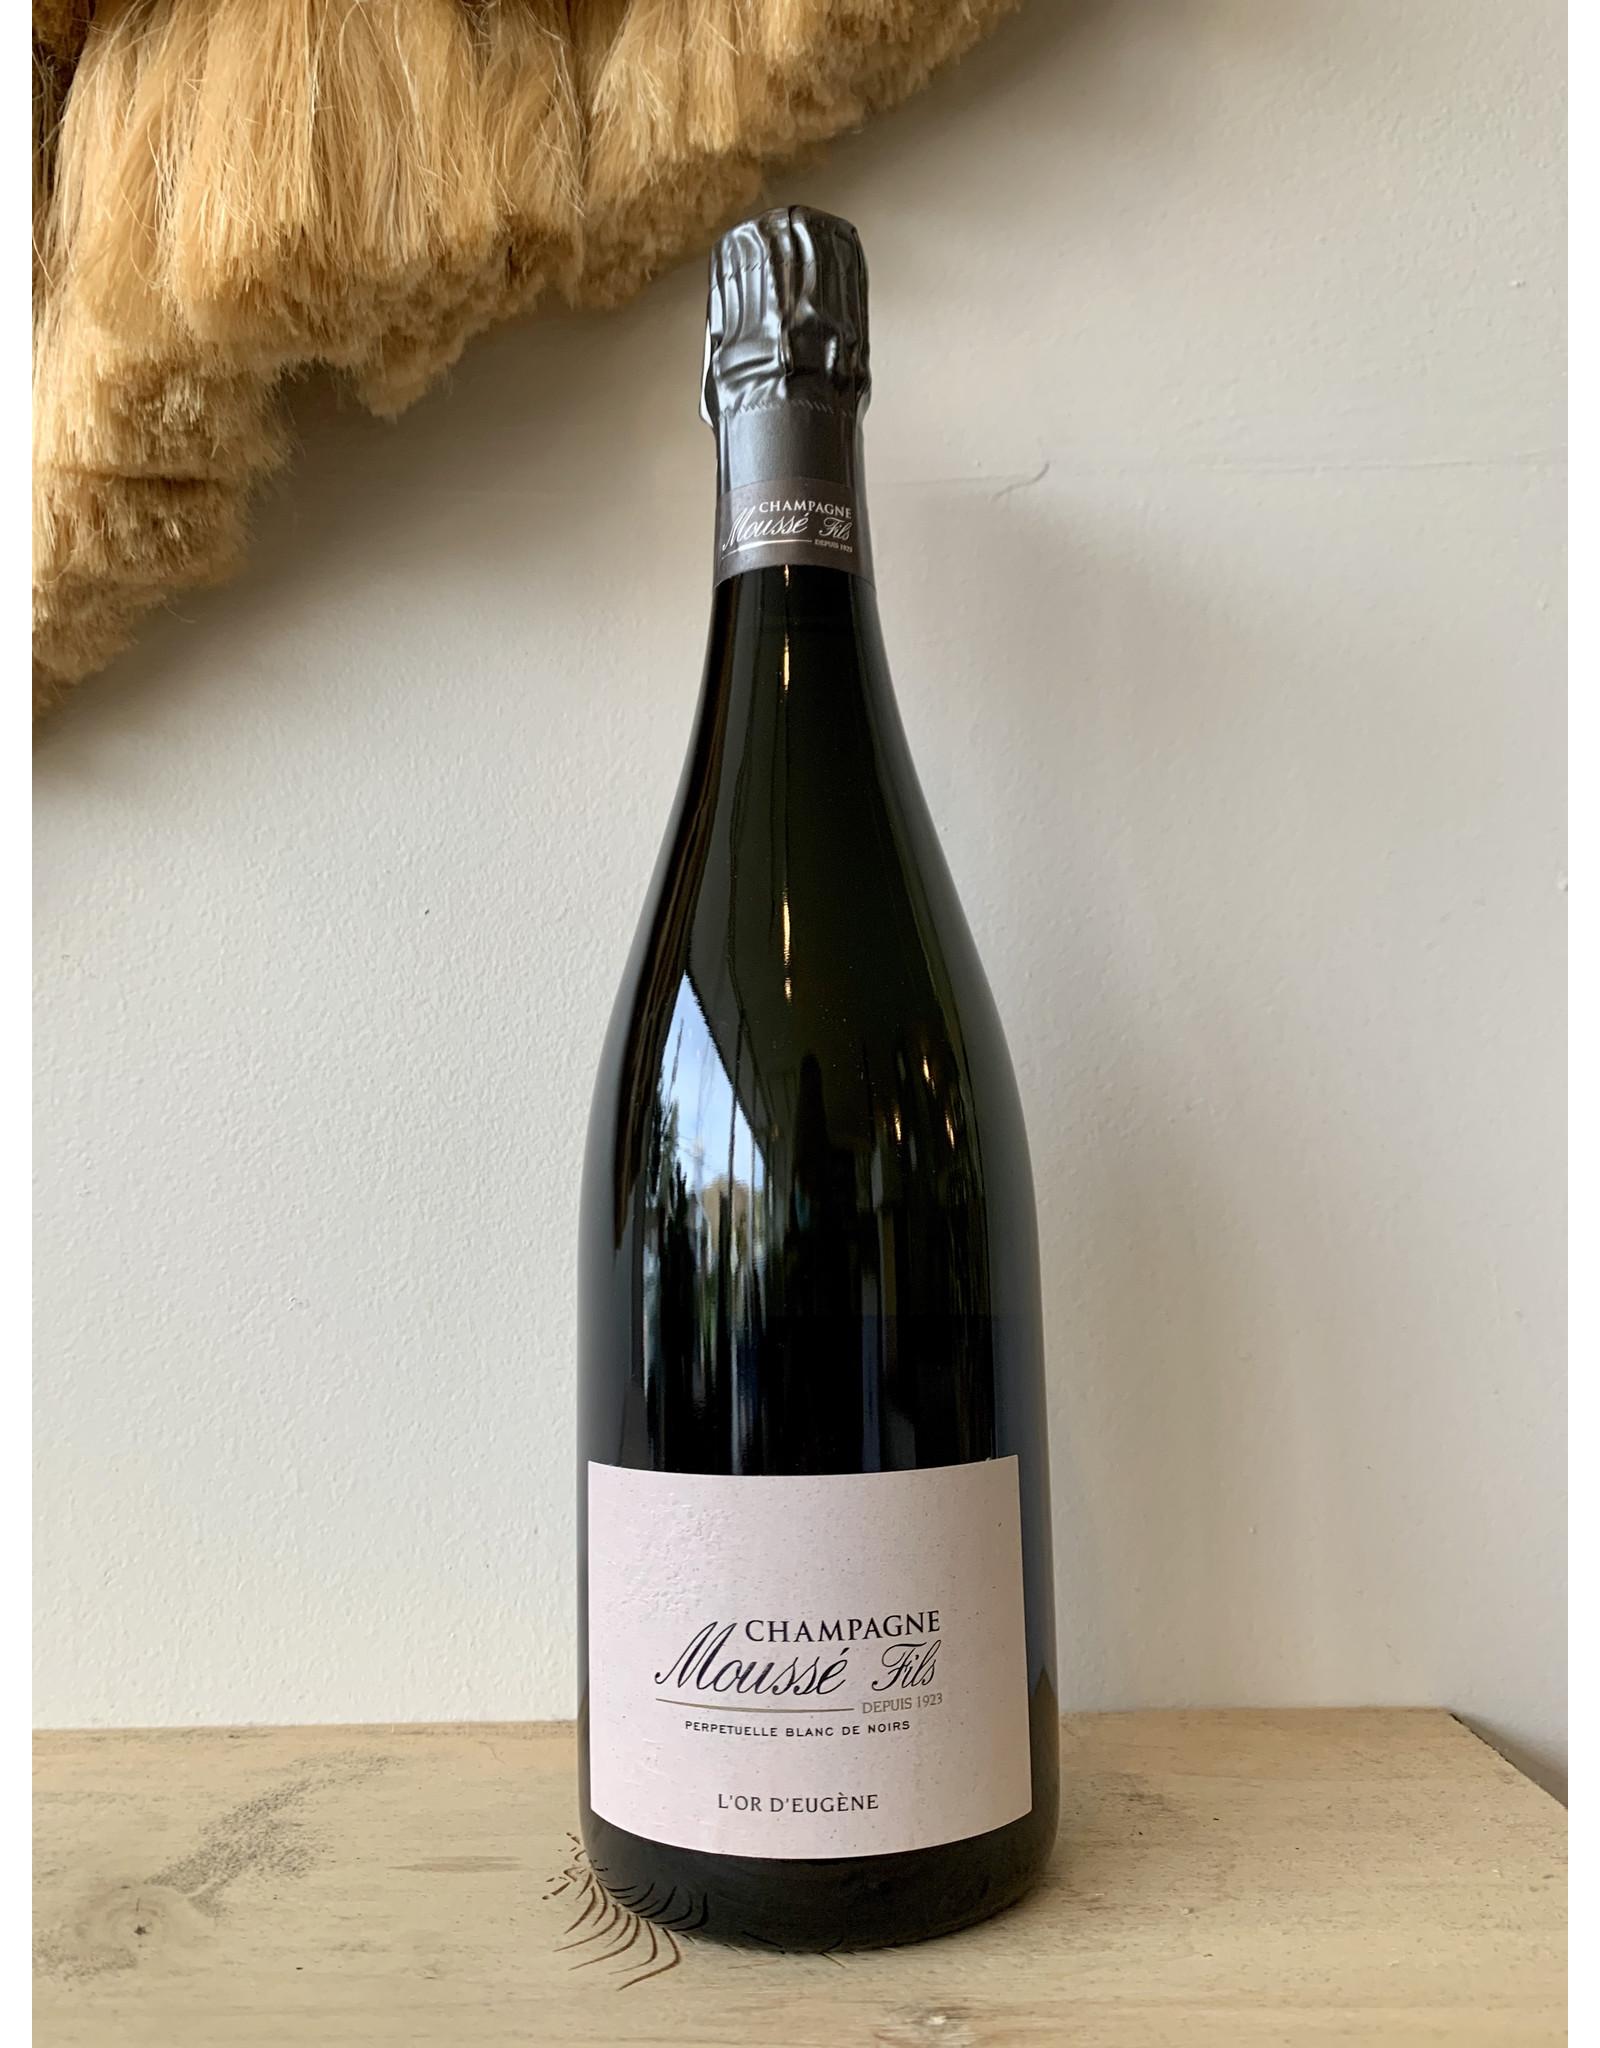 Champagne Moussé Fils L'Or d'Eugène Blanc de Noirs Perpetuelle